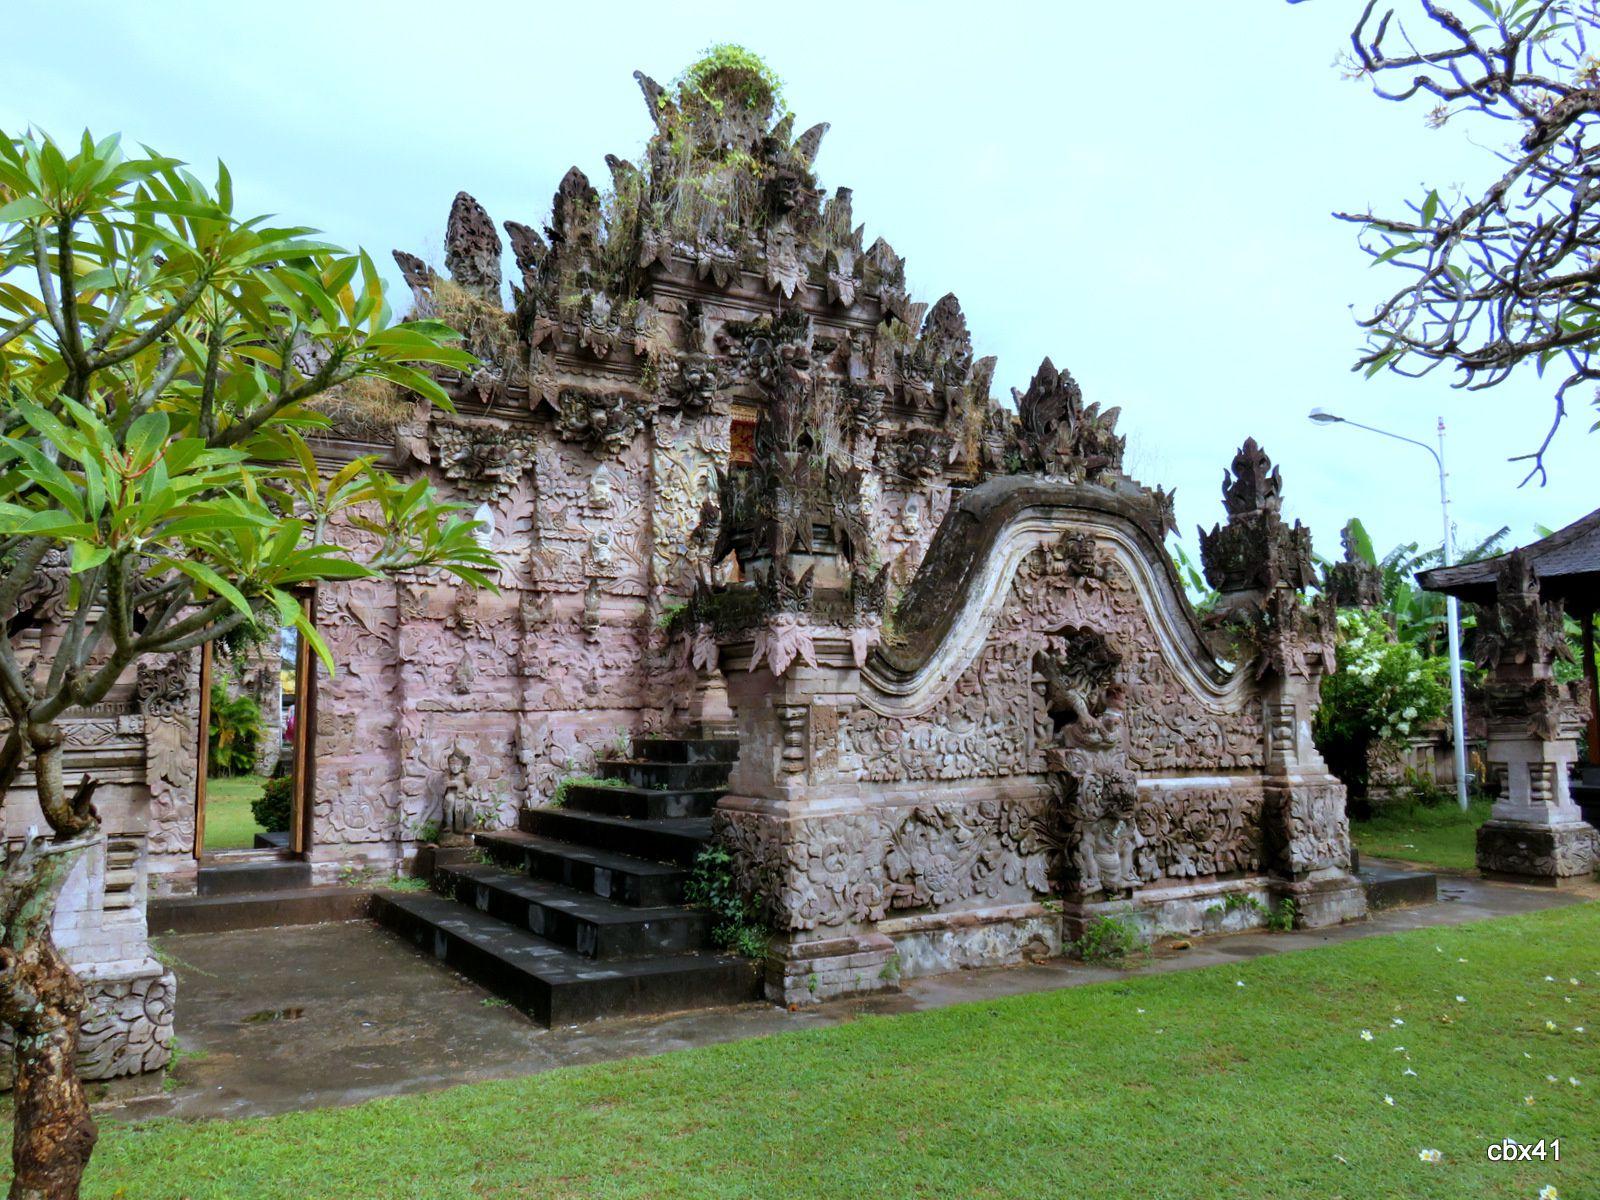 Le temple Pura Beji, la deuxième porte (Bali, Indonésie)